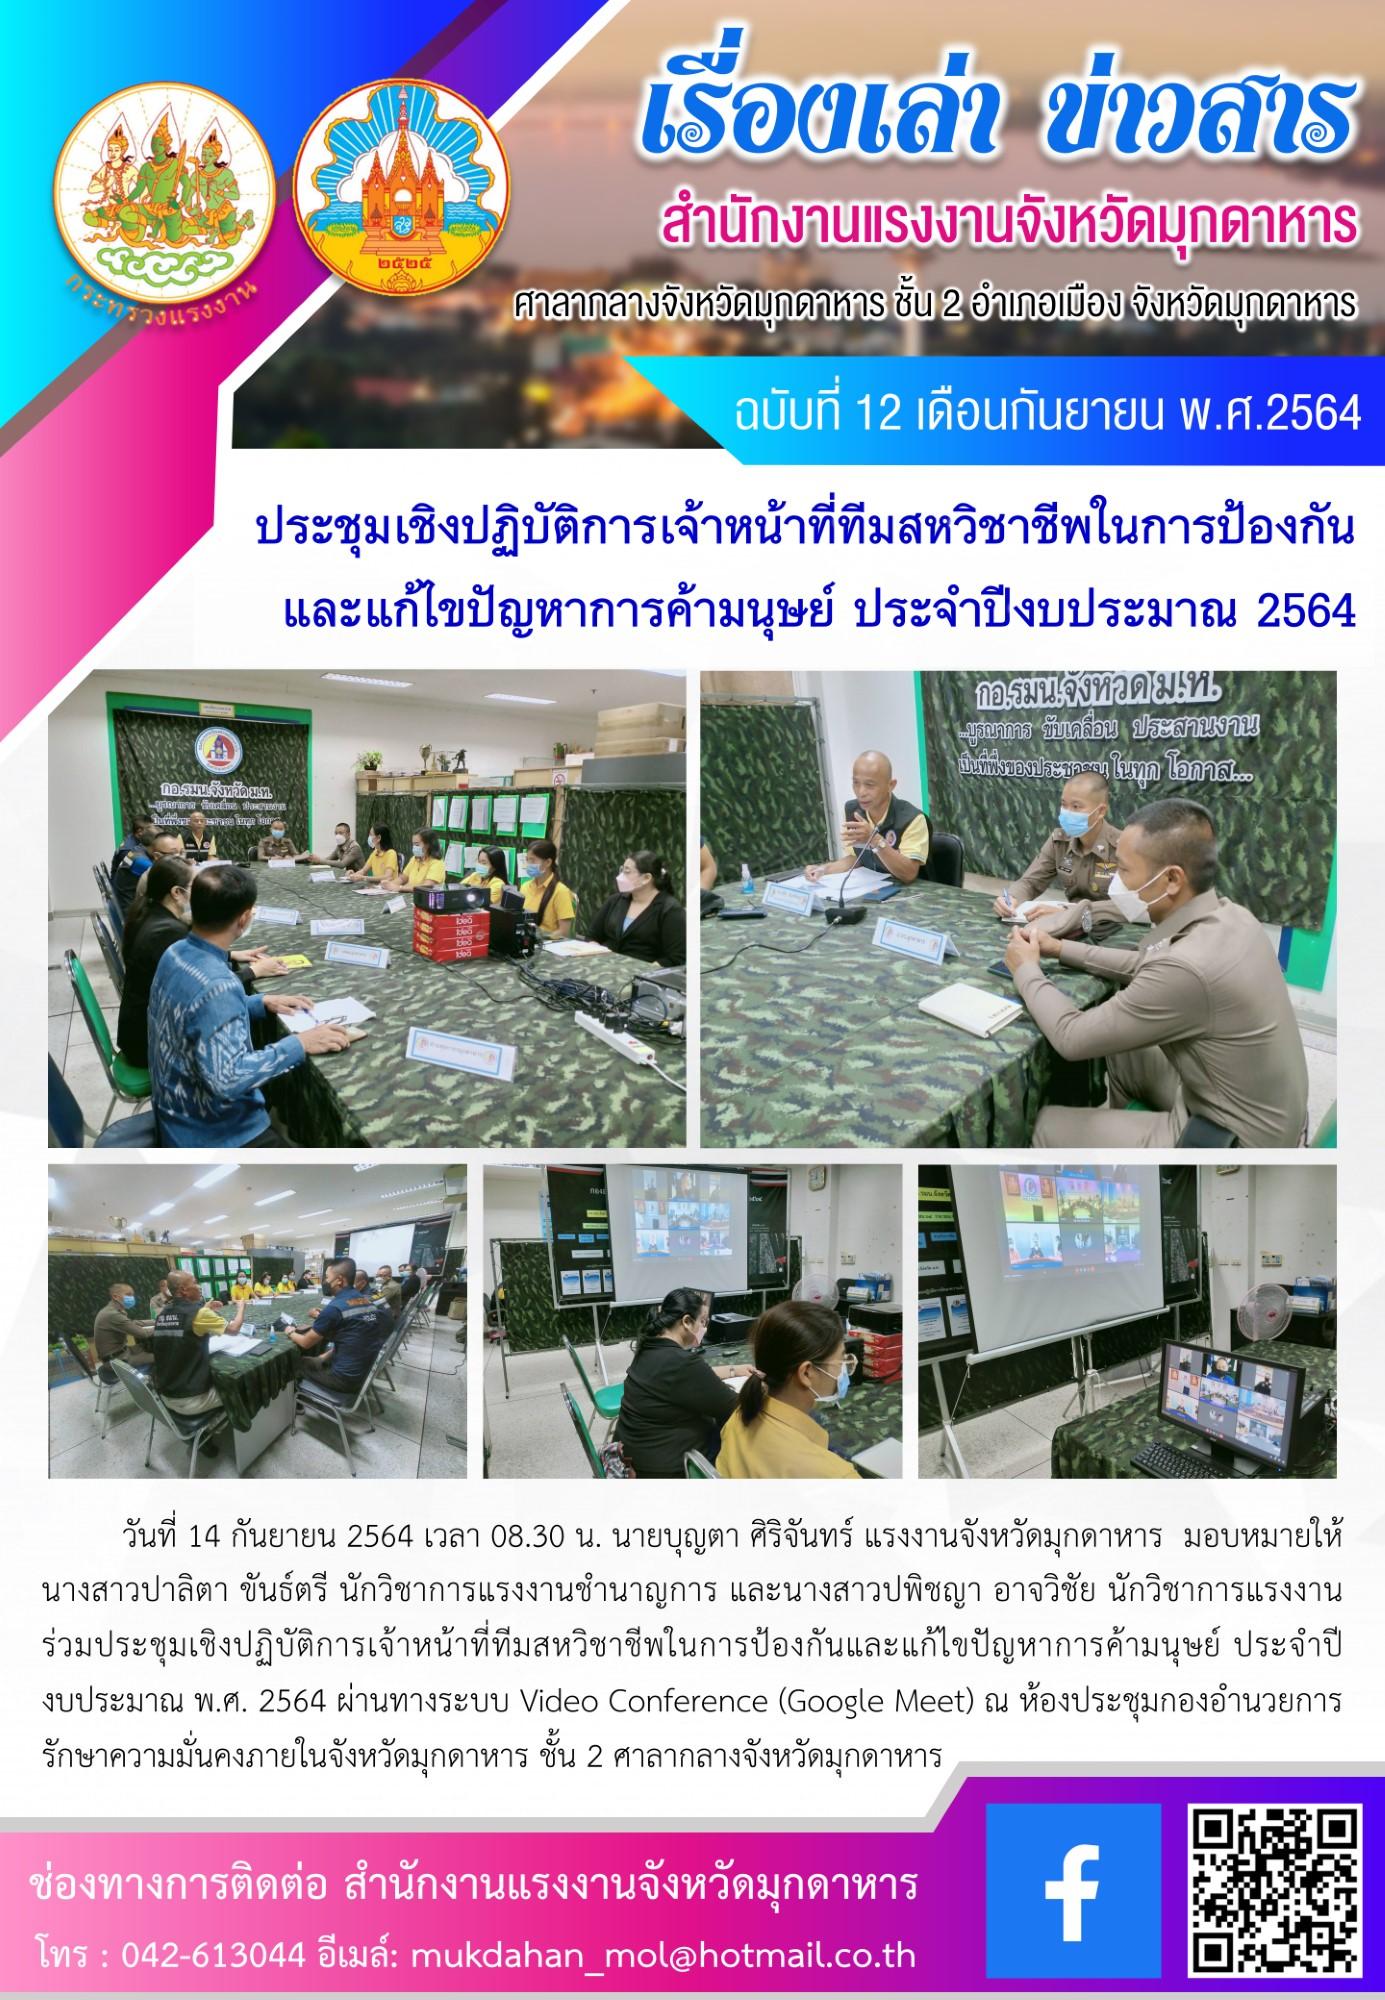 ประชุมเชิงปฏิบัติการเจ้าหน้าที่ทีมสหวิชาชีพในการป้องกันและแก้ไขปัญหาการค้ามนุษย์ ประจำปีงบประมาณ 2564